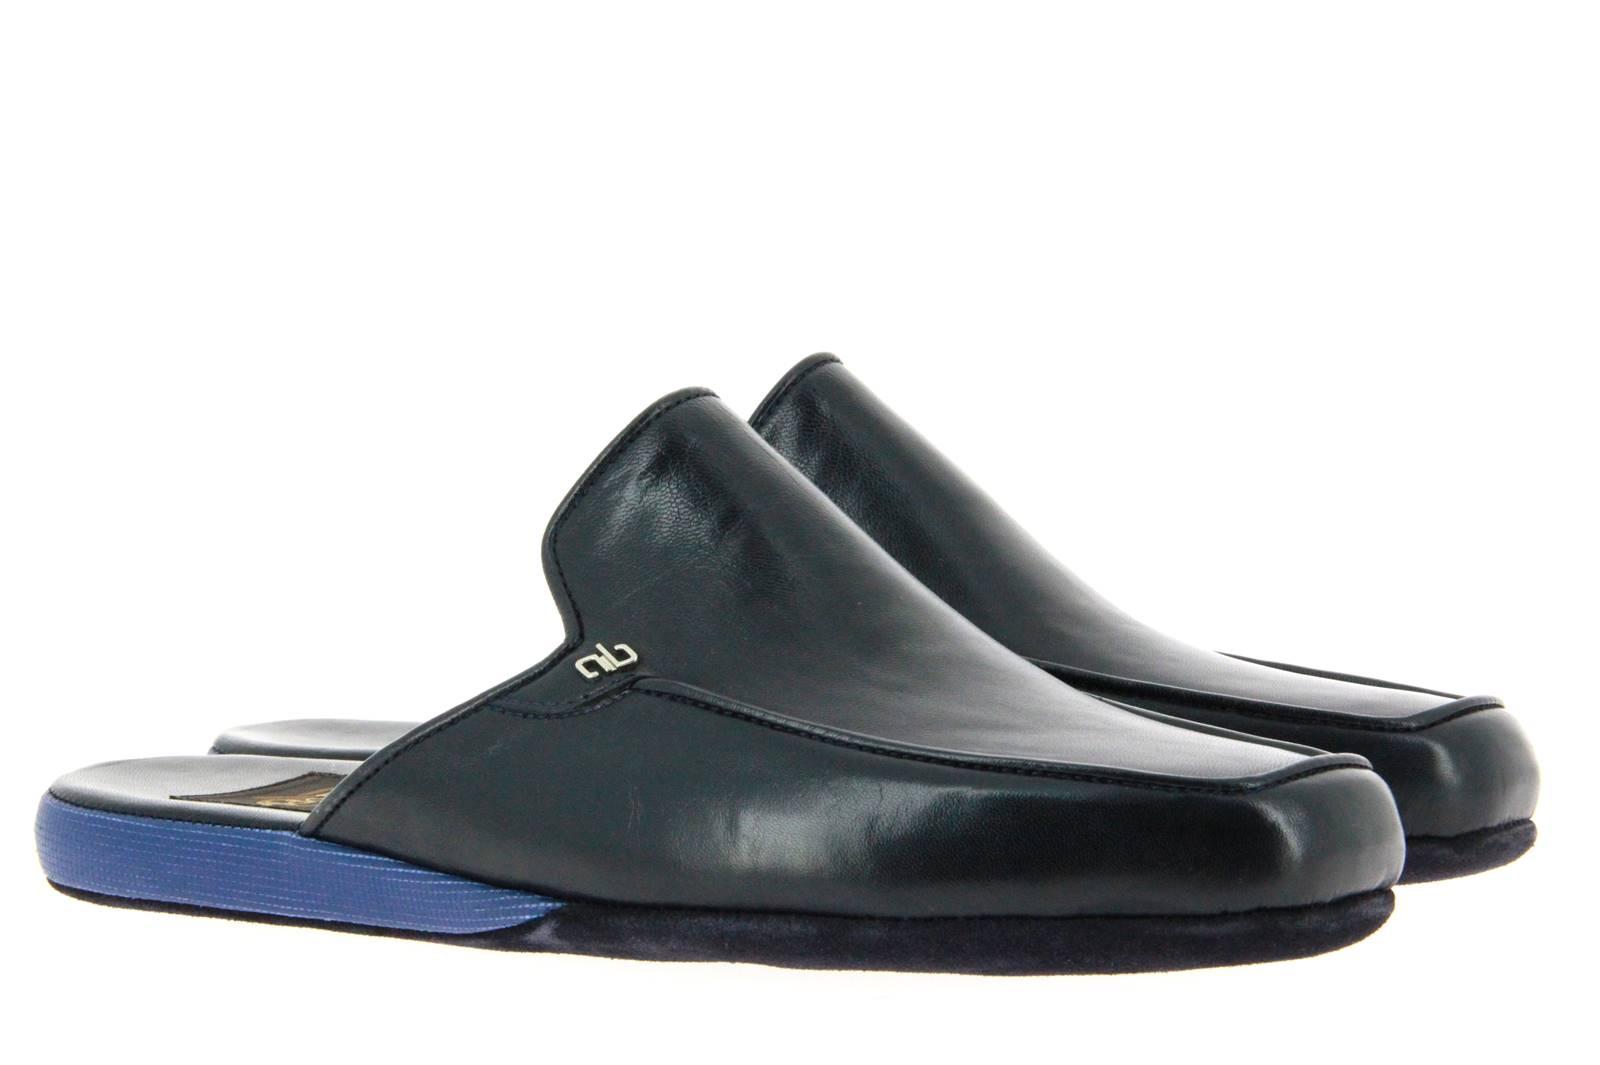 Aldo Bruè house shoe NAPPA NAVY